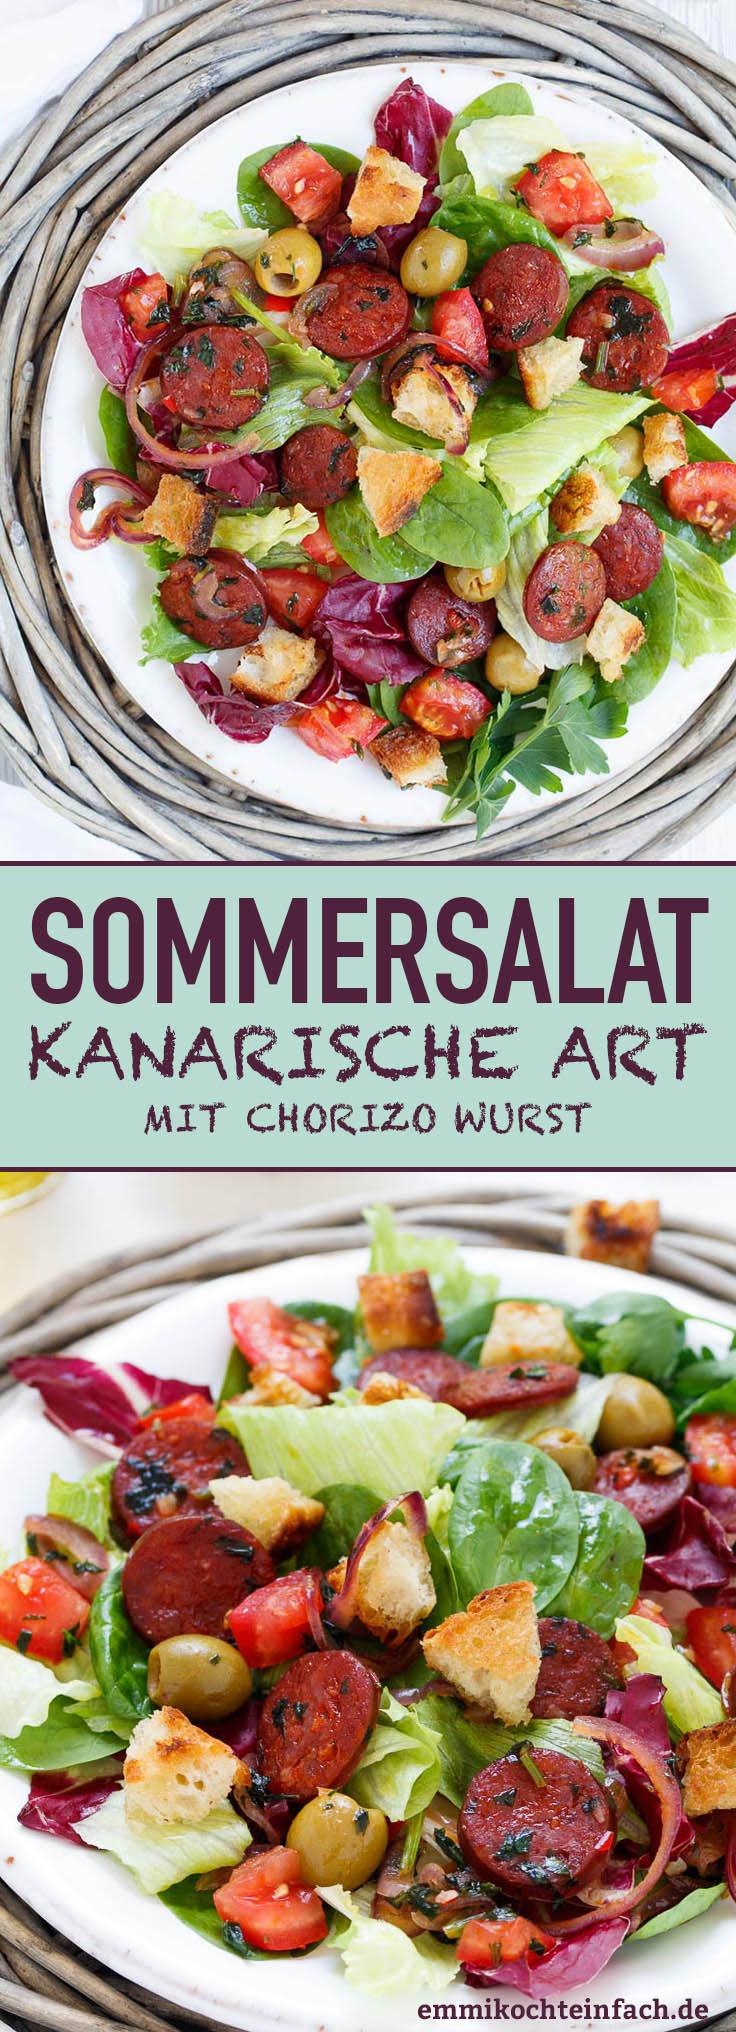 Kanarischer Sommersalat - www.emmikochteinfach.de